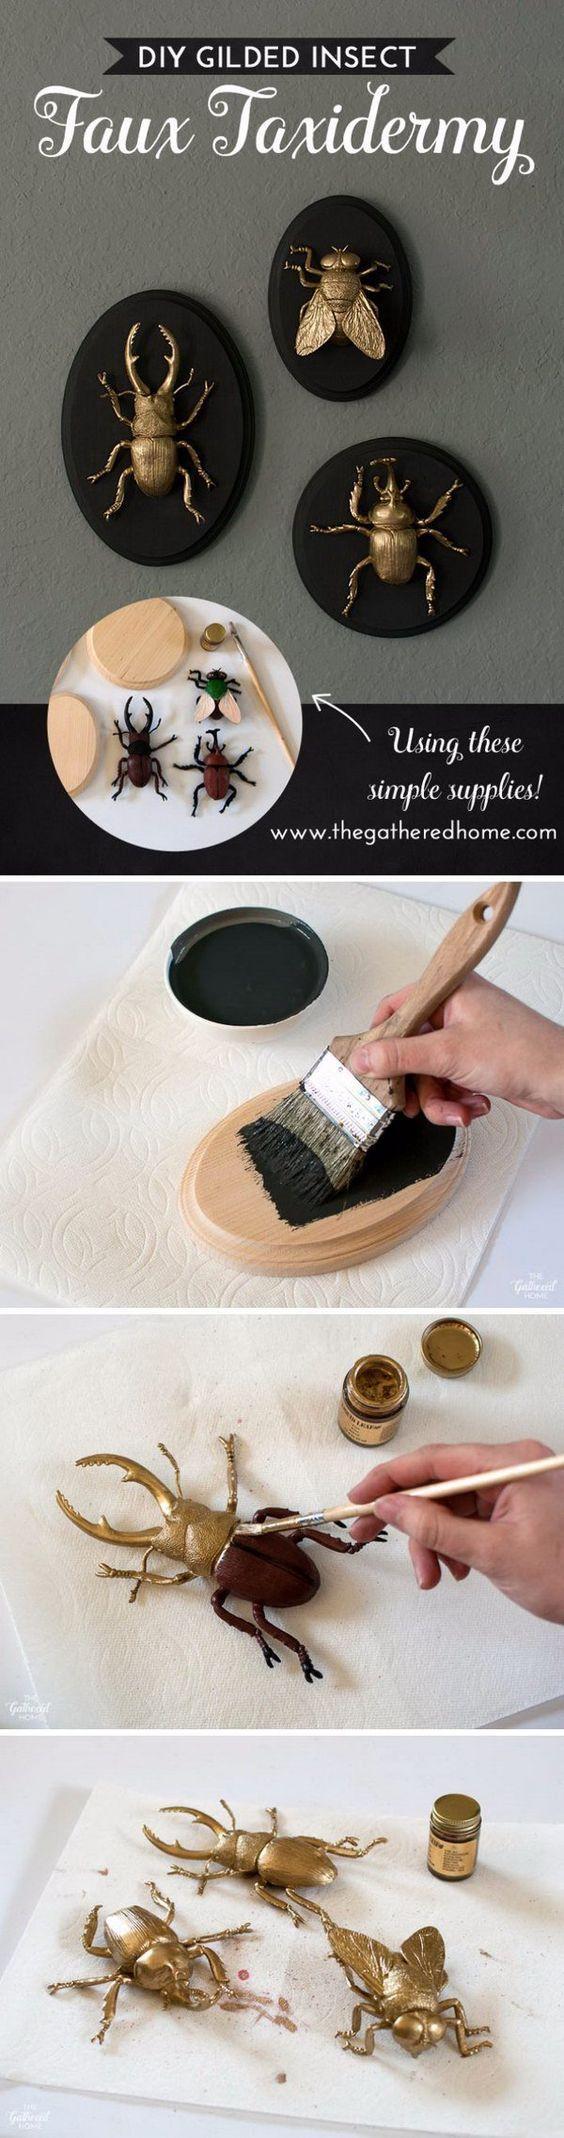 53 mejores imágenes sobre crafting en Pinterest | Enlace zelda, Arte ...